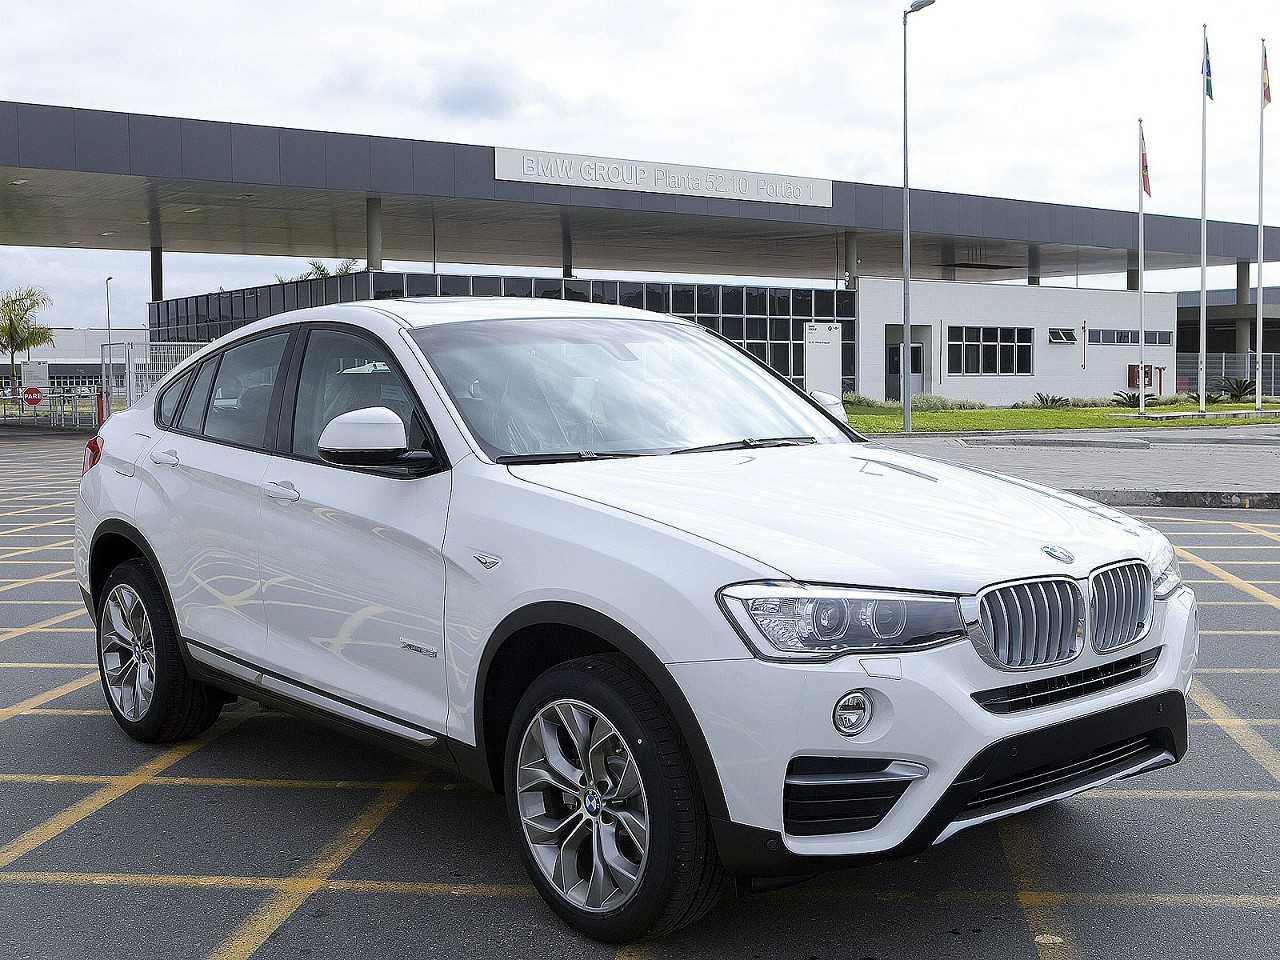 BMW X4 produzido no Brasil